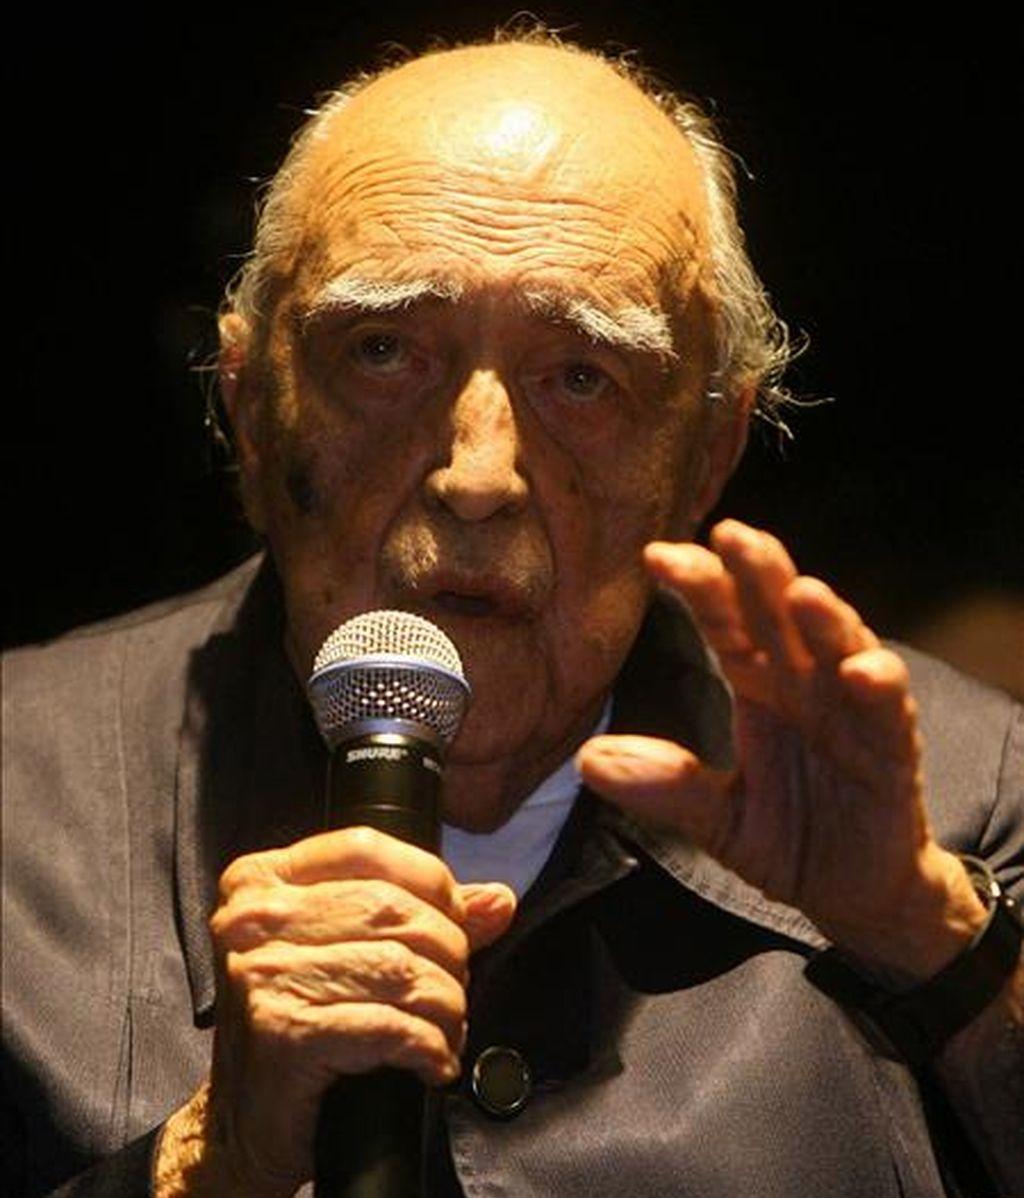 El arquitecto brasileño Oscar Niemeyer, durante la inauguración de su última obra, el Teatro Popular de Niteroi (Brasil) el 5 de abril de 2007. EFE/Archivo